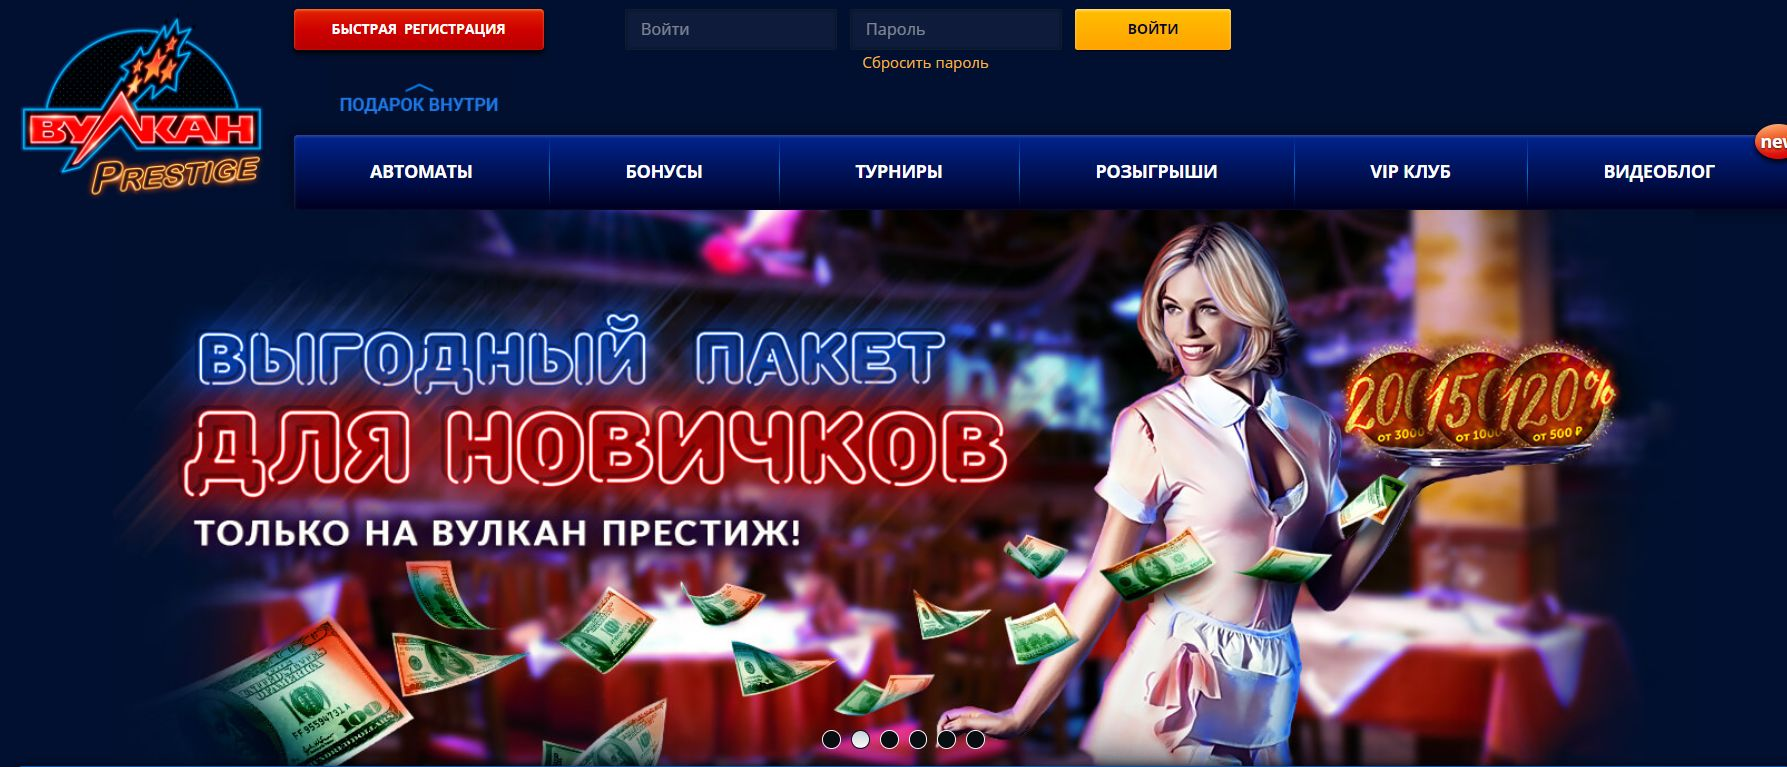 Вулкан Престиж - Официальный сайт